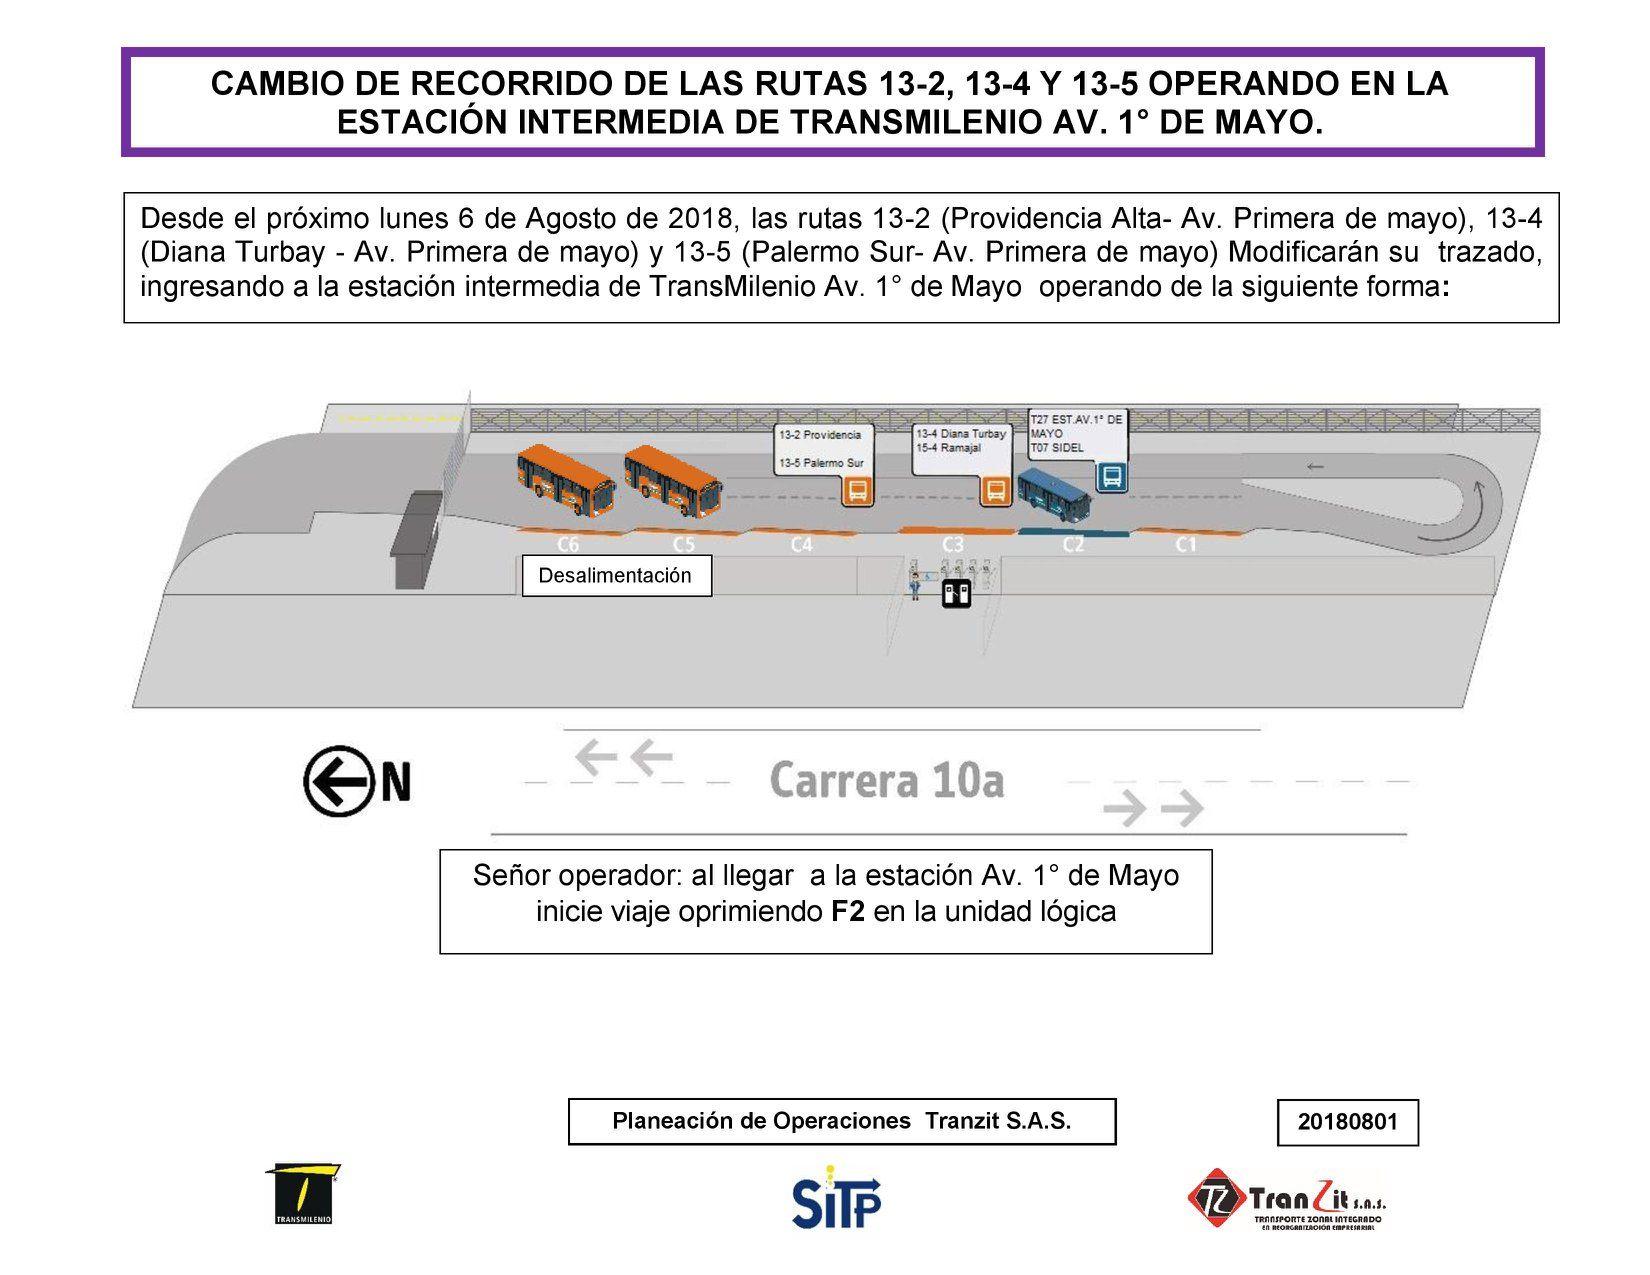 Paradas dentro de la estación Intermedia 1° de Mayo para rutas del SITP